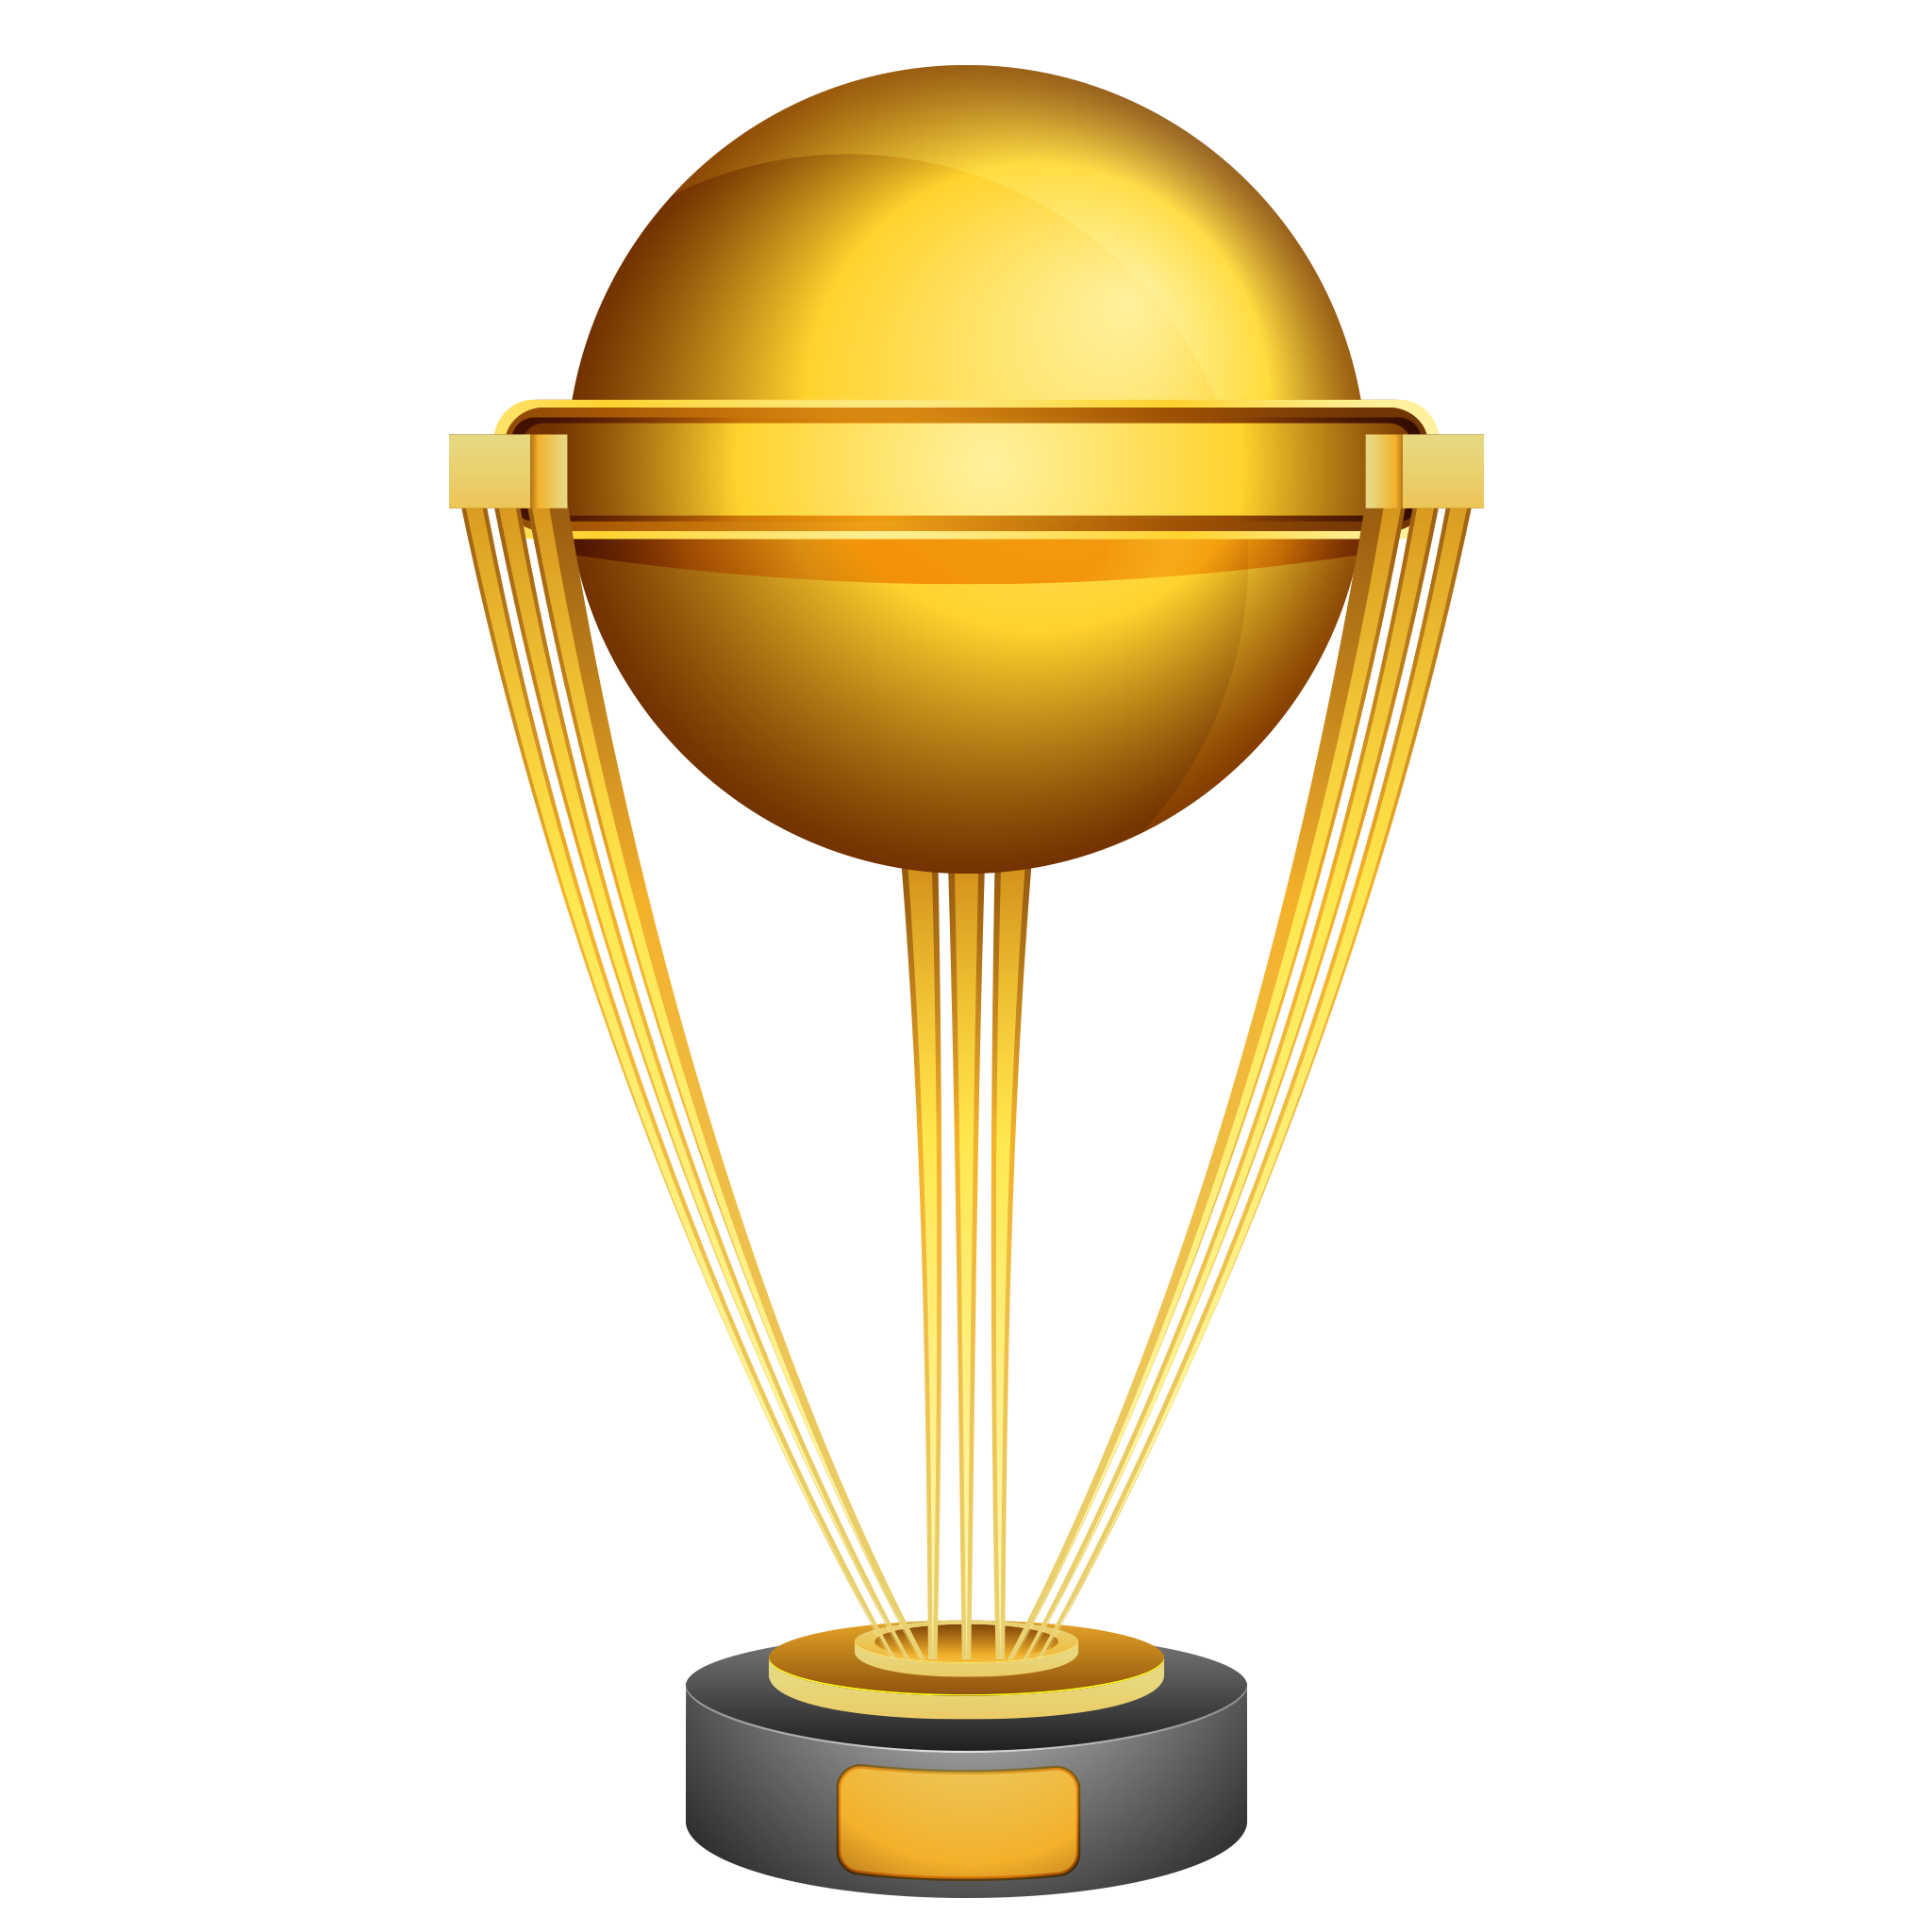 Golden Trophy Transparent PNG